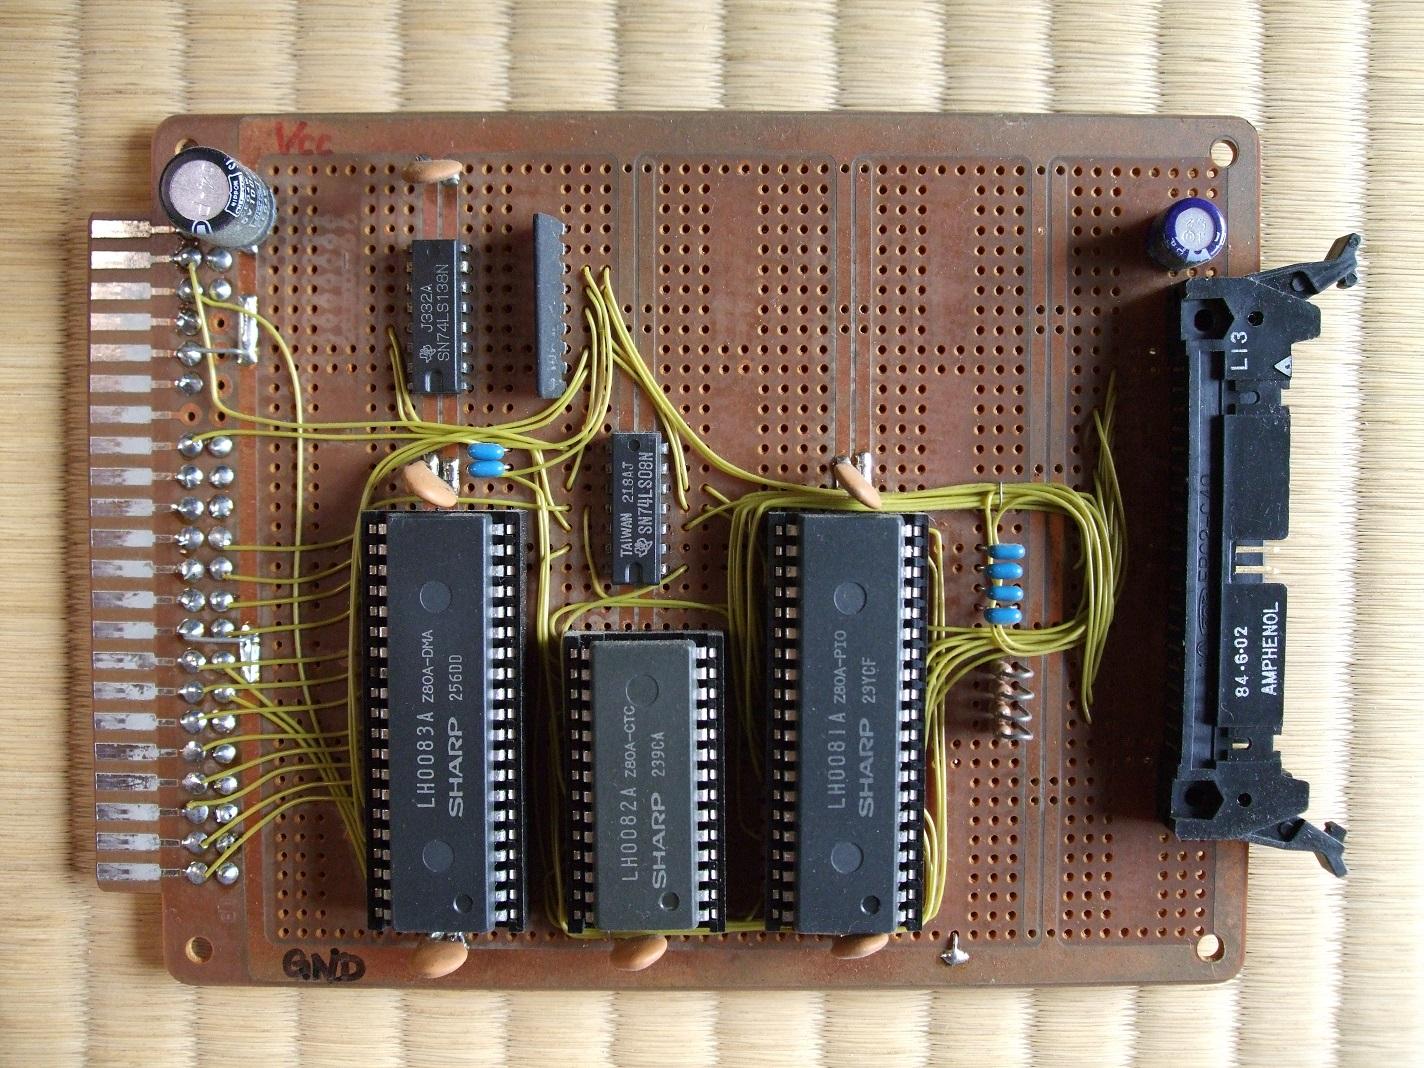 I/O board